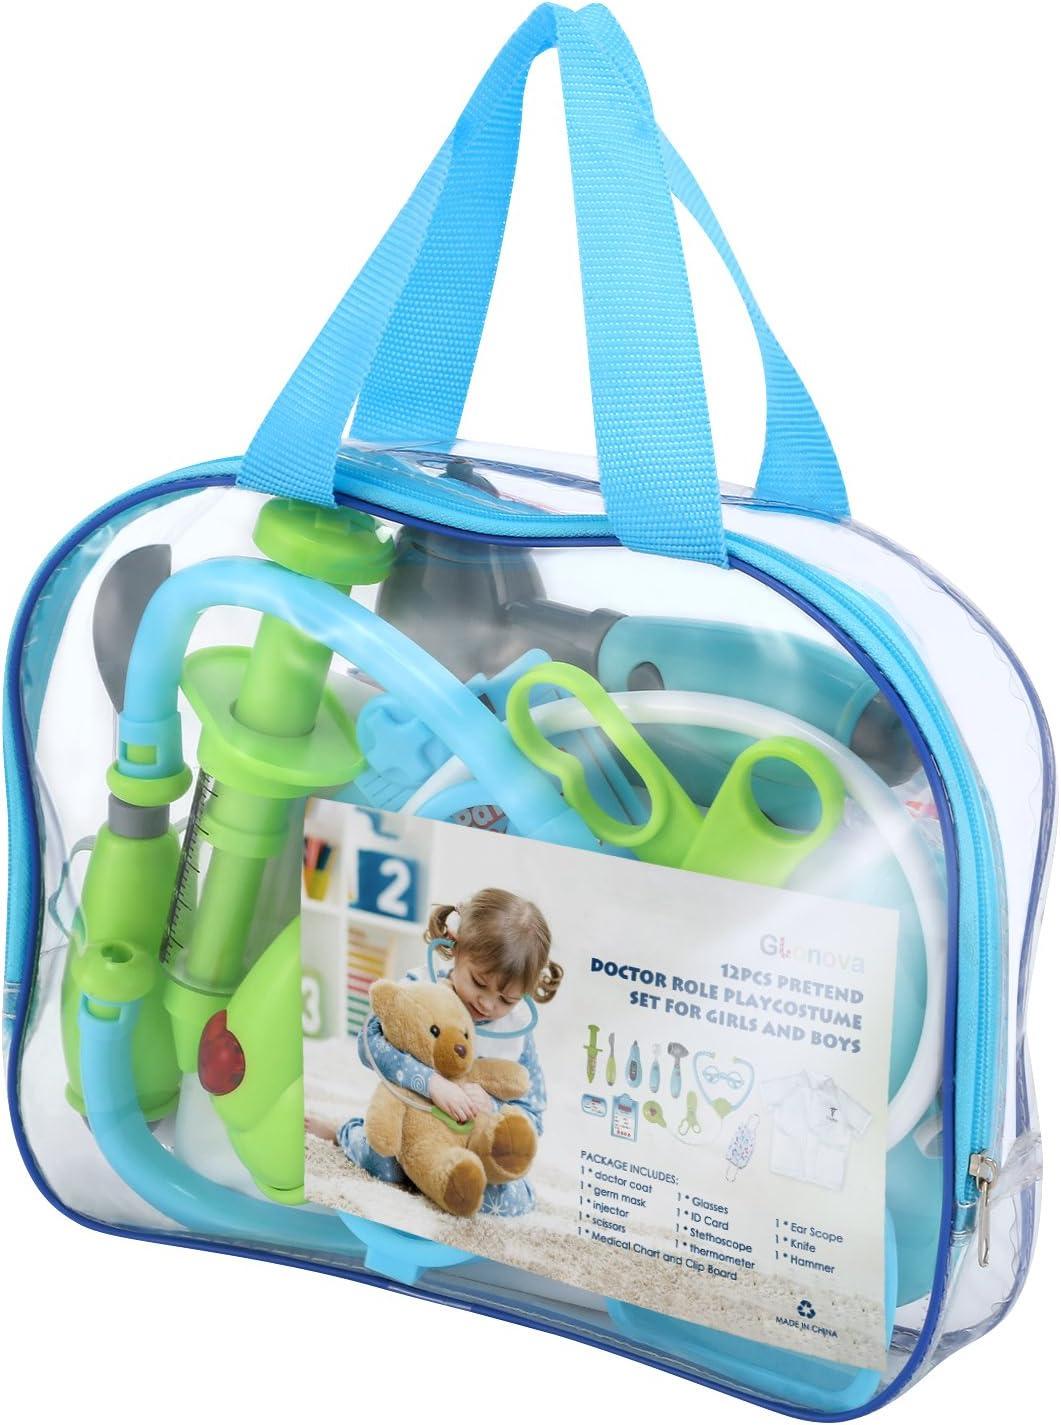 12 PCS Kit Medico Bambini Gioco di Ruolo Dottore per Bambini Glonova Kit Dottore per Bambini